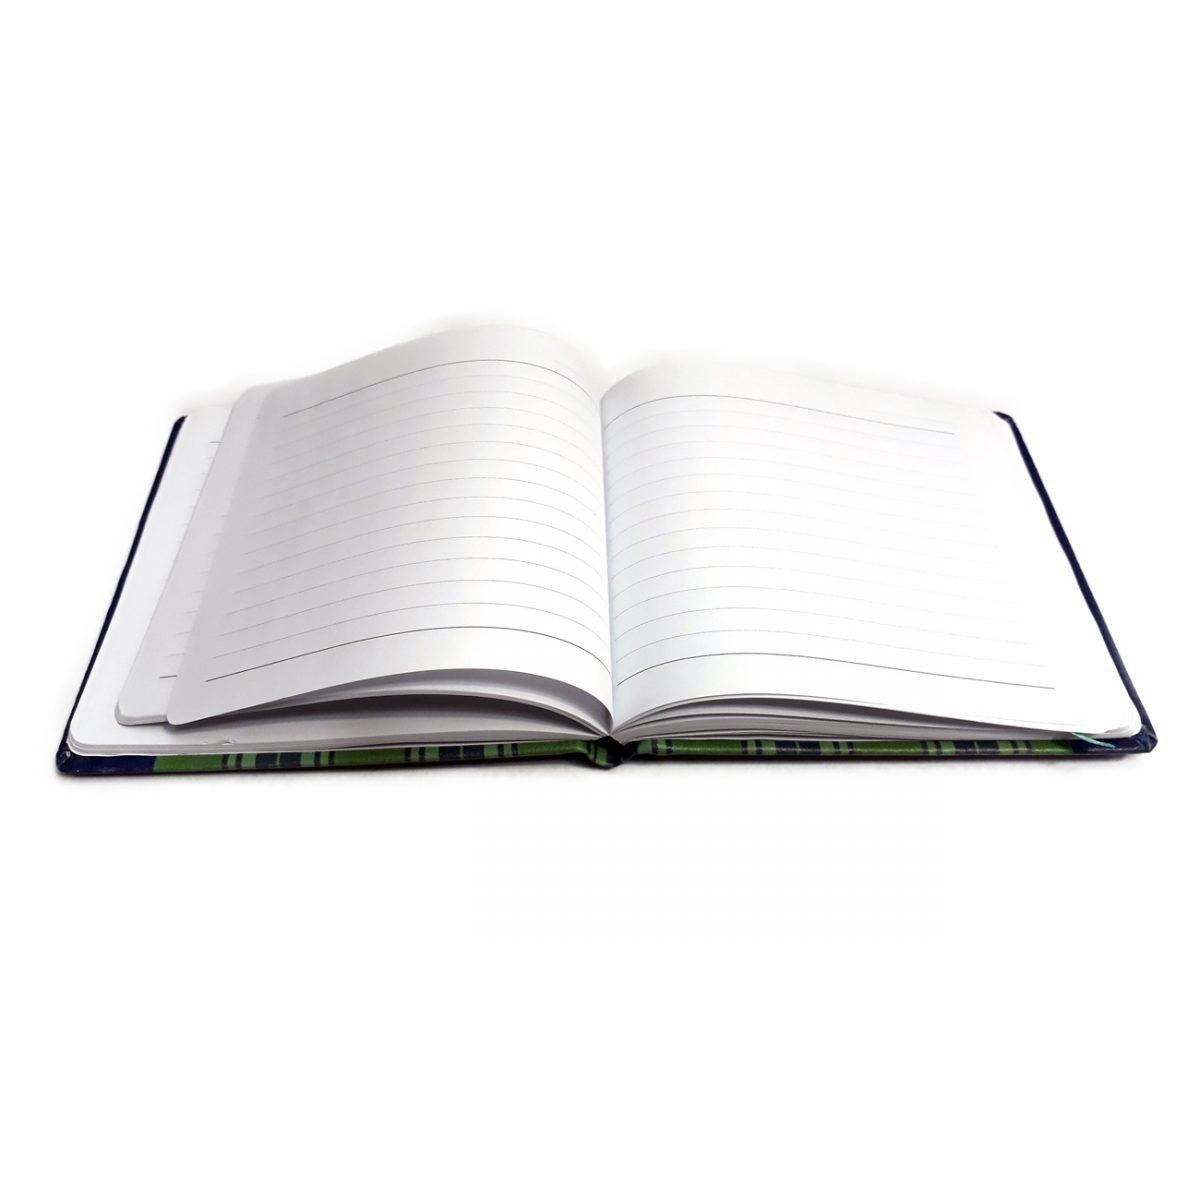 یادداشت 100 خشتی طرح نوشته